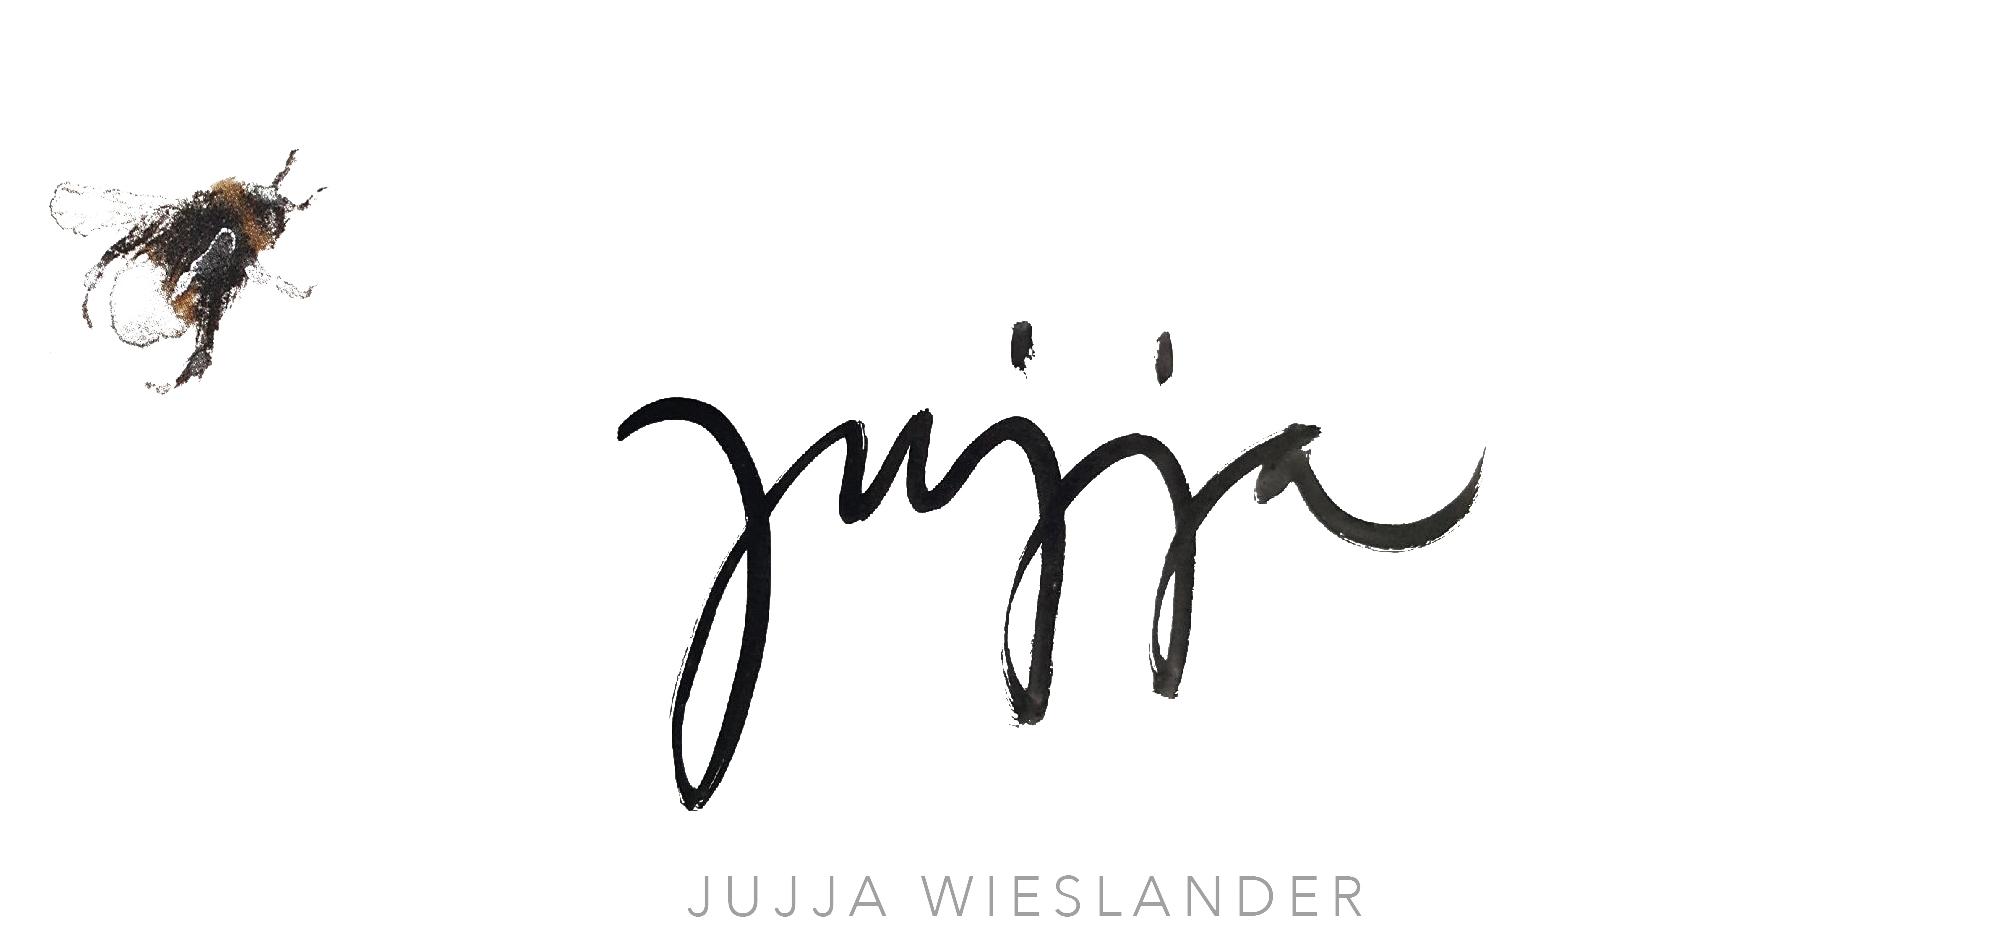 Jujja Wieslander